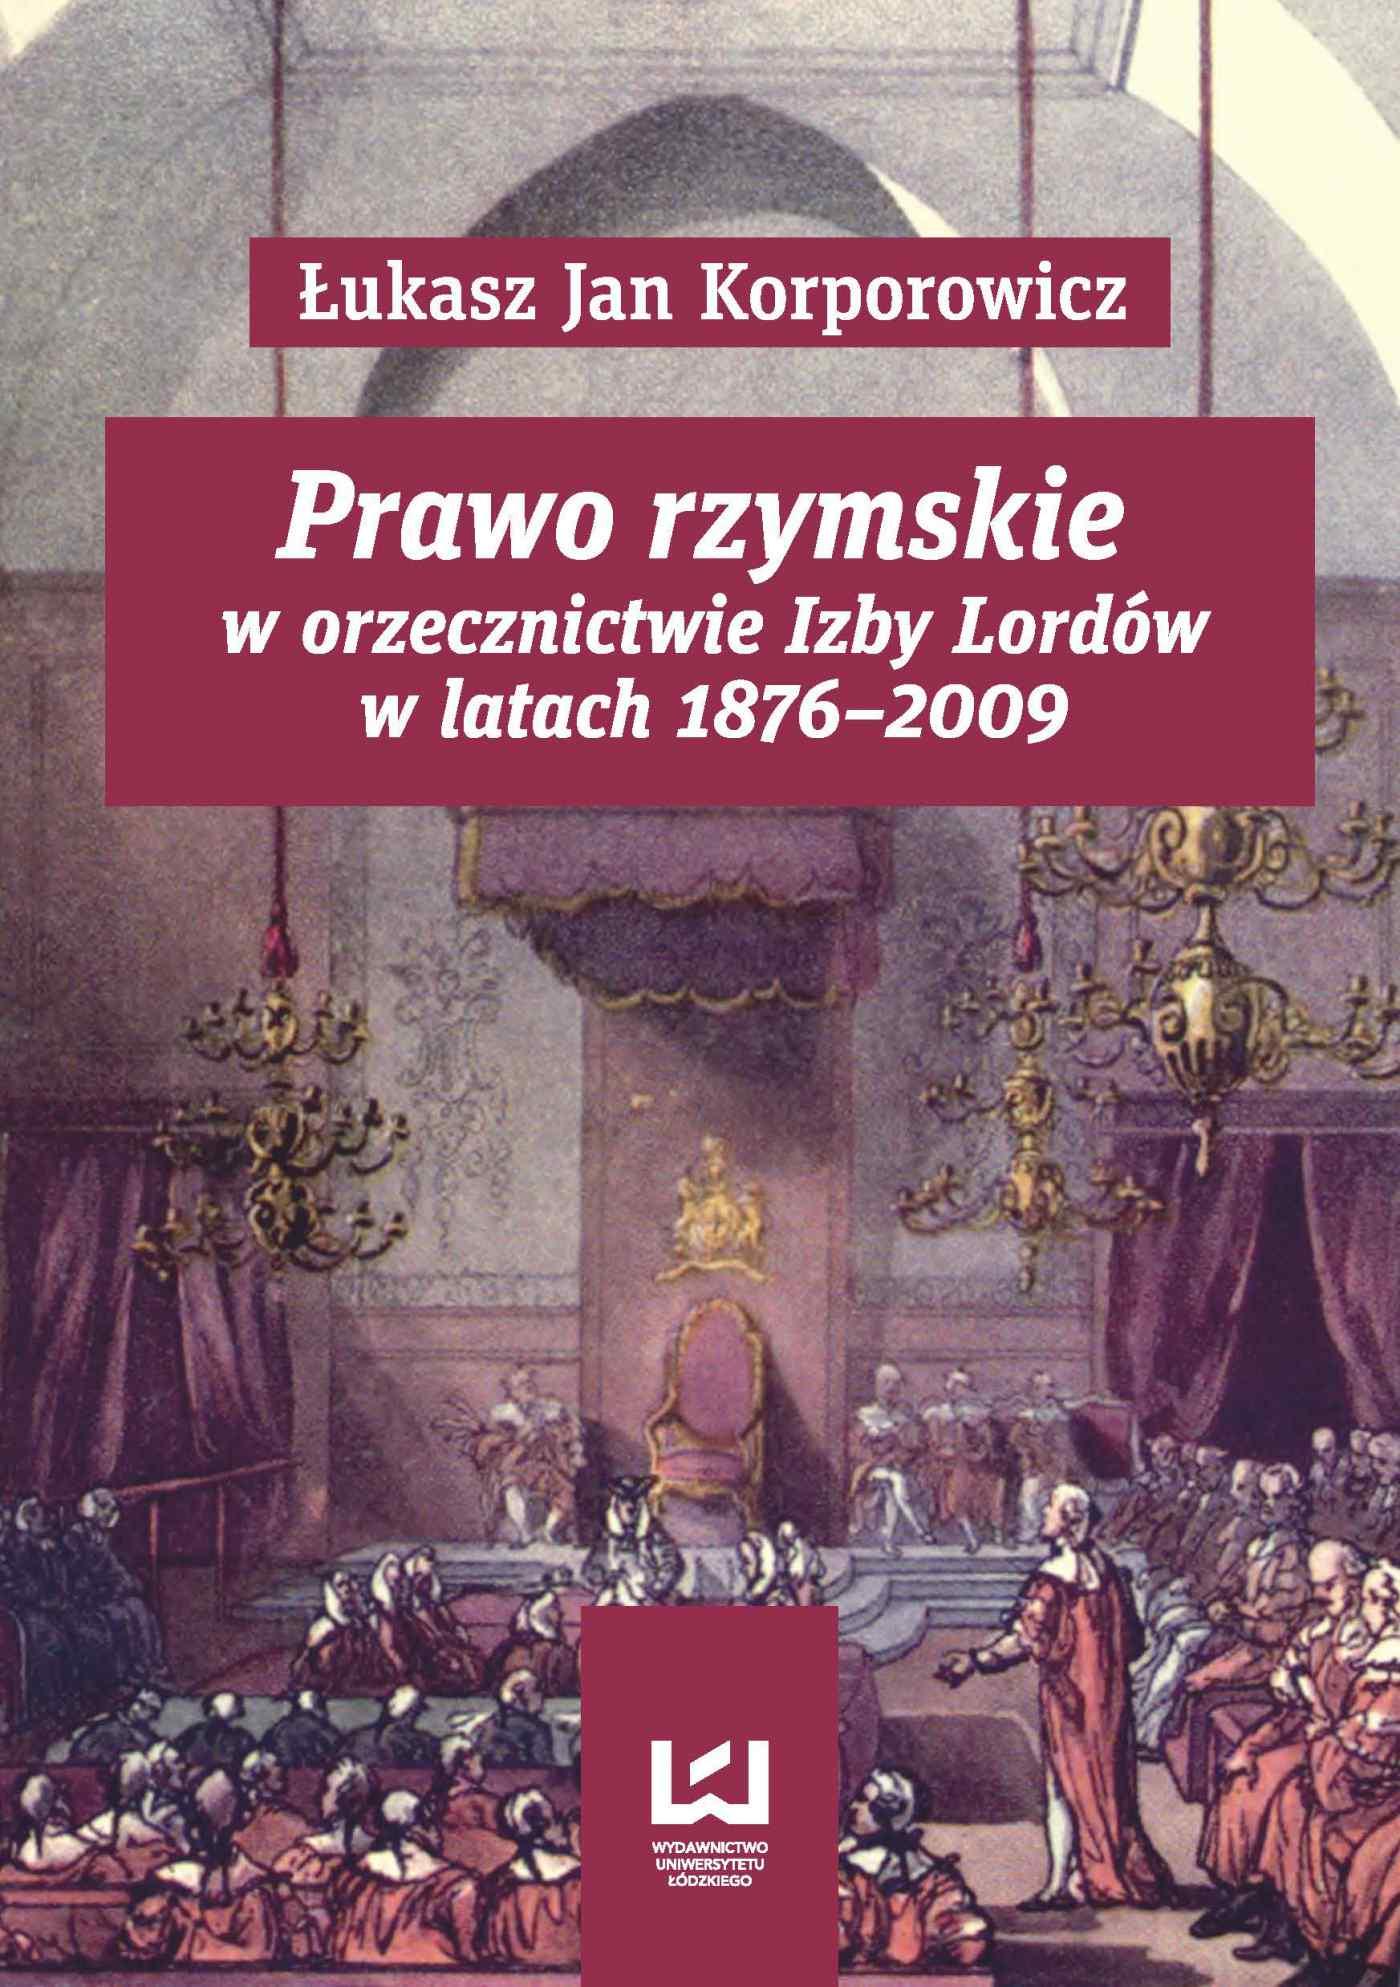 Prawo rzymskie w orzecznictwie Izby Lordów w latach 1876–2009 - Ebook (Książka PDF) do pobrania w formacie PDF